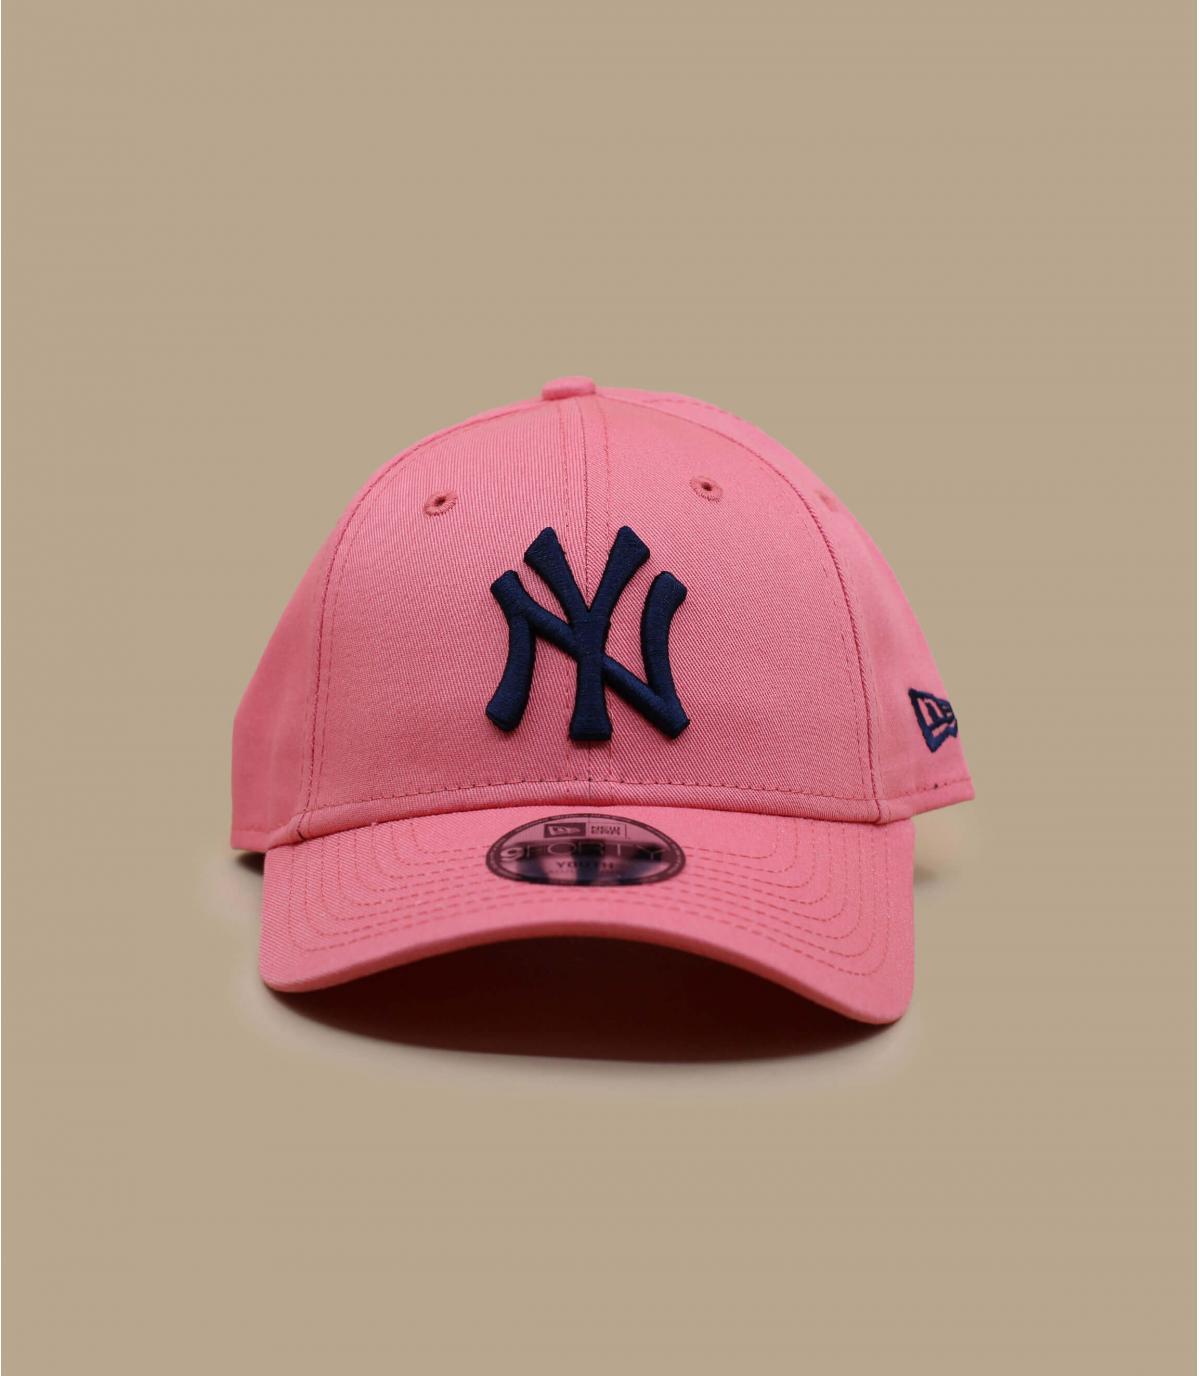 pink NY cap kid